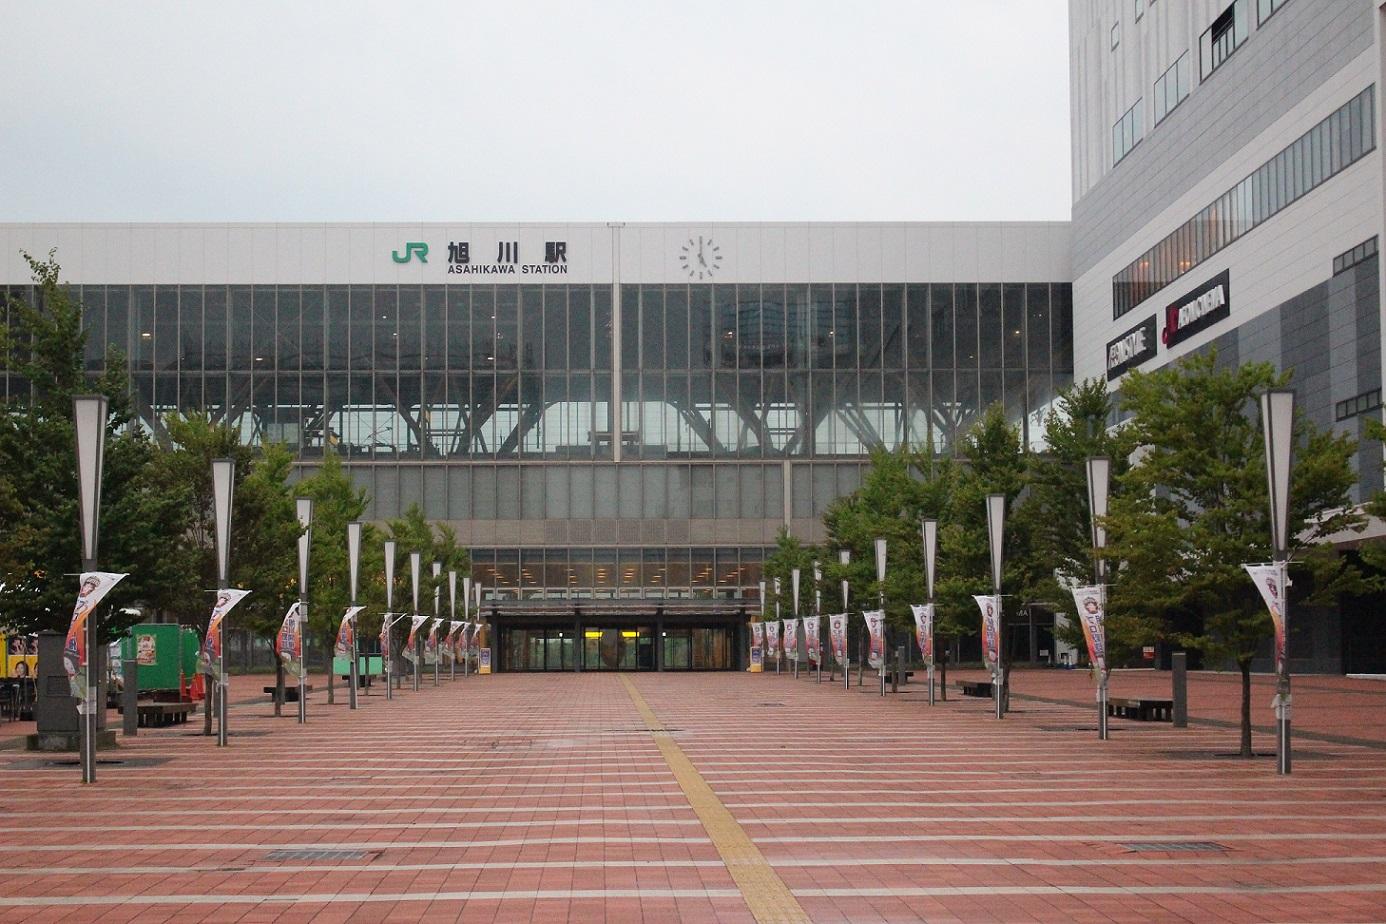 旭川地区駅n01